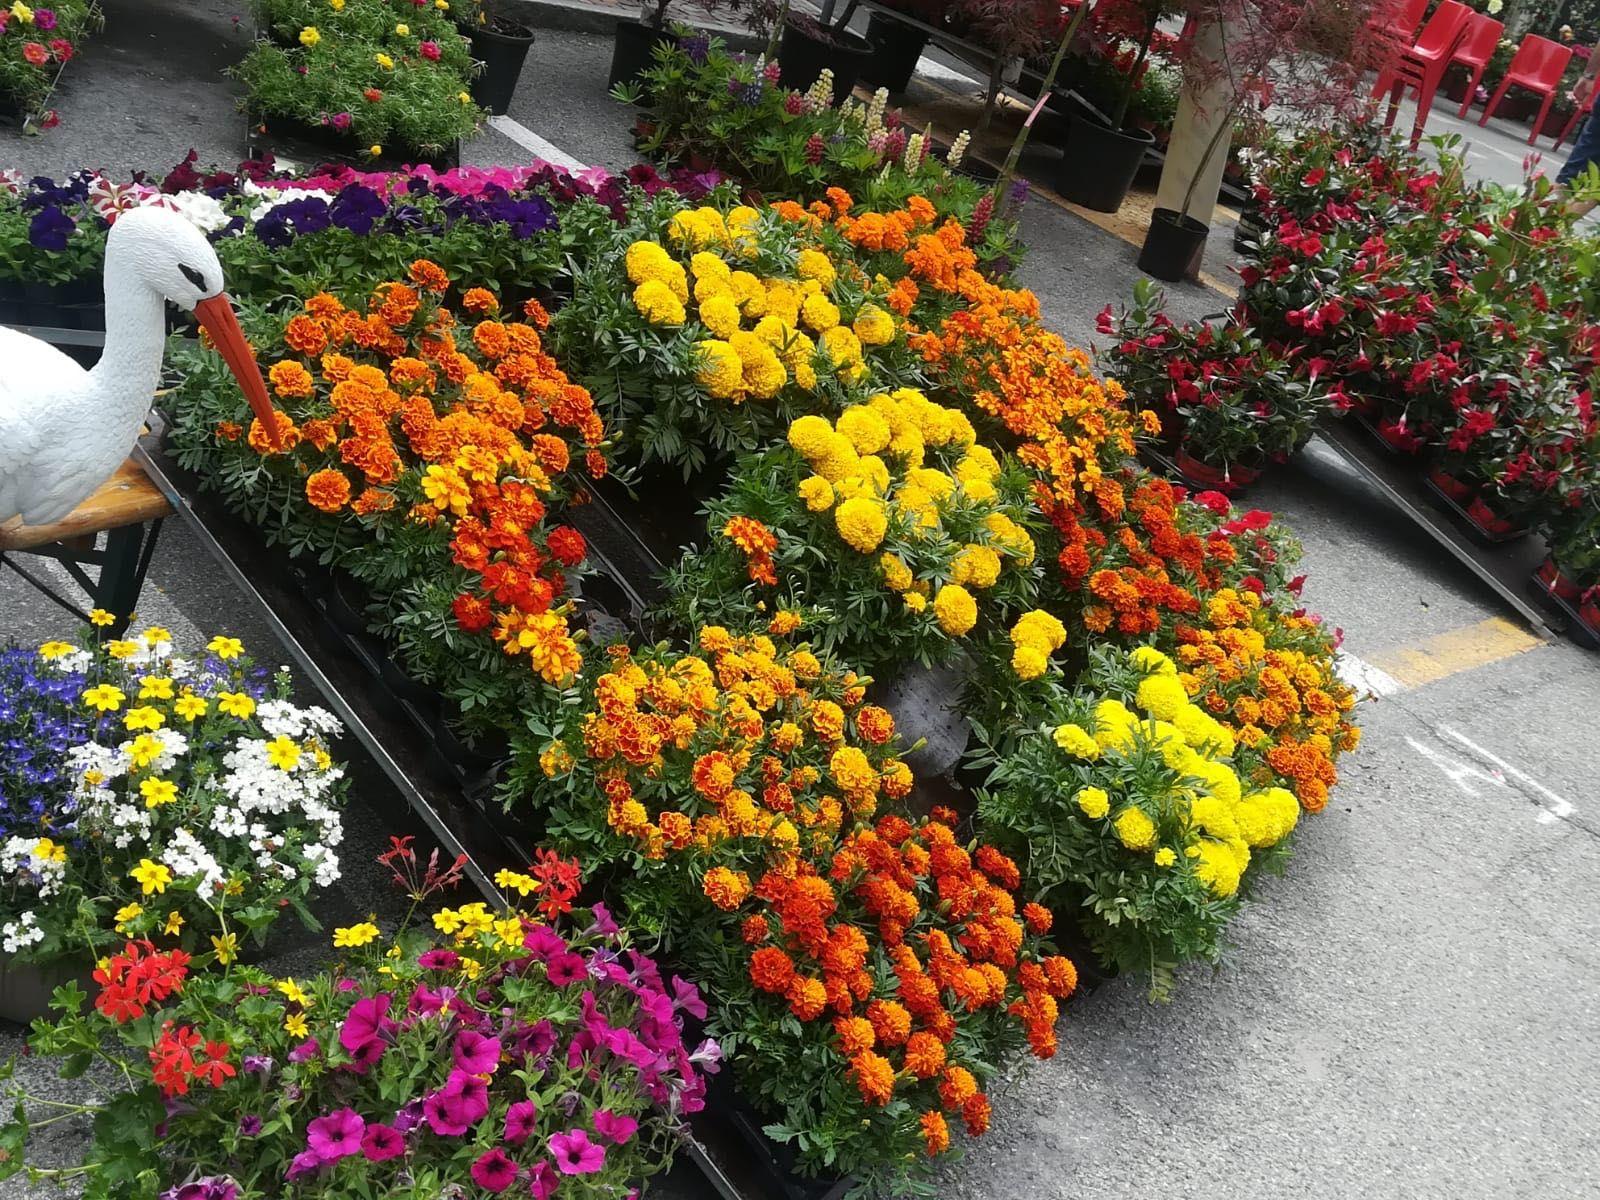 OZEGNA - Successo «colorato» per l'evento dedicato ai fiori - FOTO